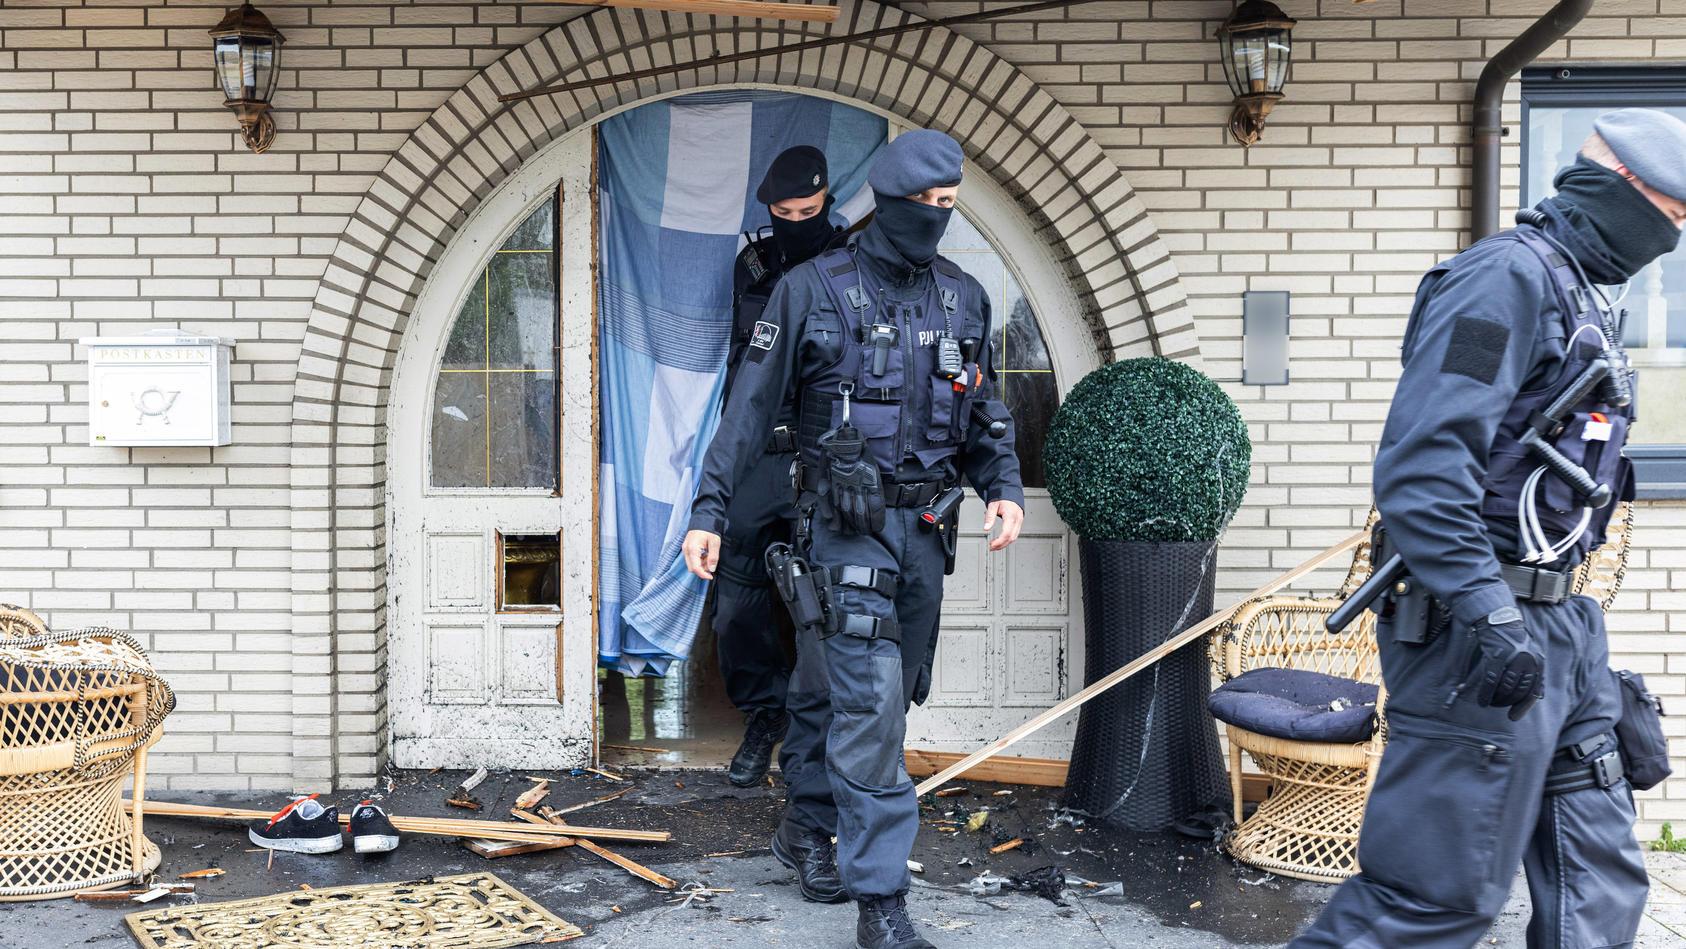 Polizisten durchsuchten die Leverkusener Villa im Stadtteil Rheindorf, die mehr als eine Million Euro wert sein soll